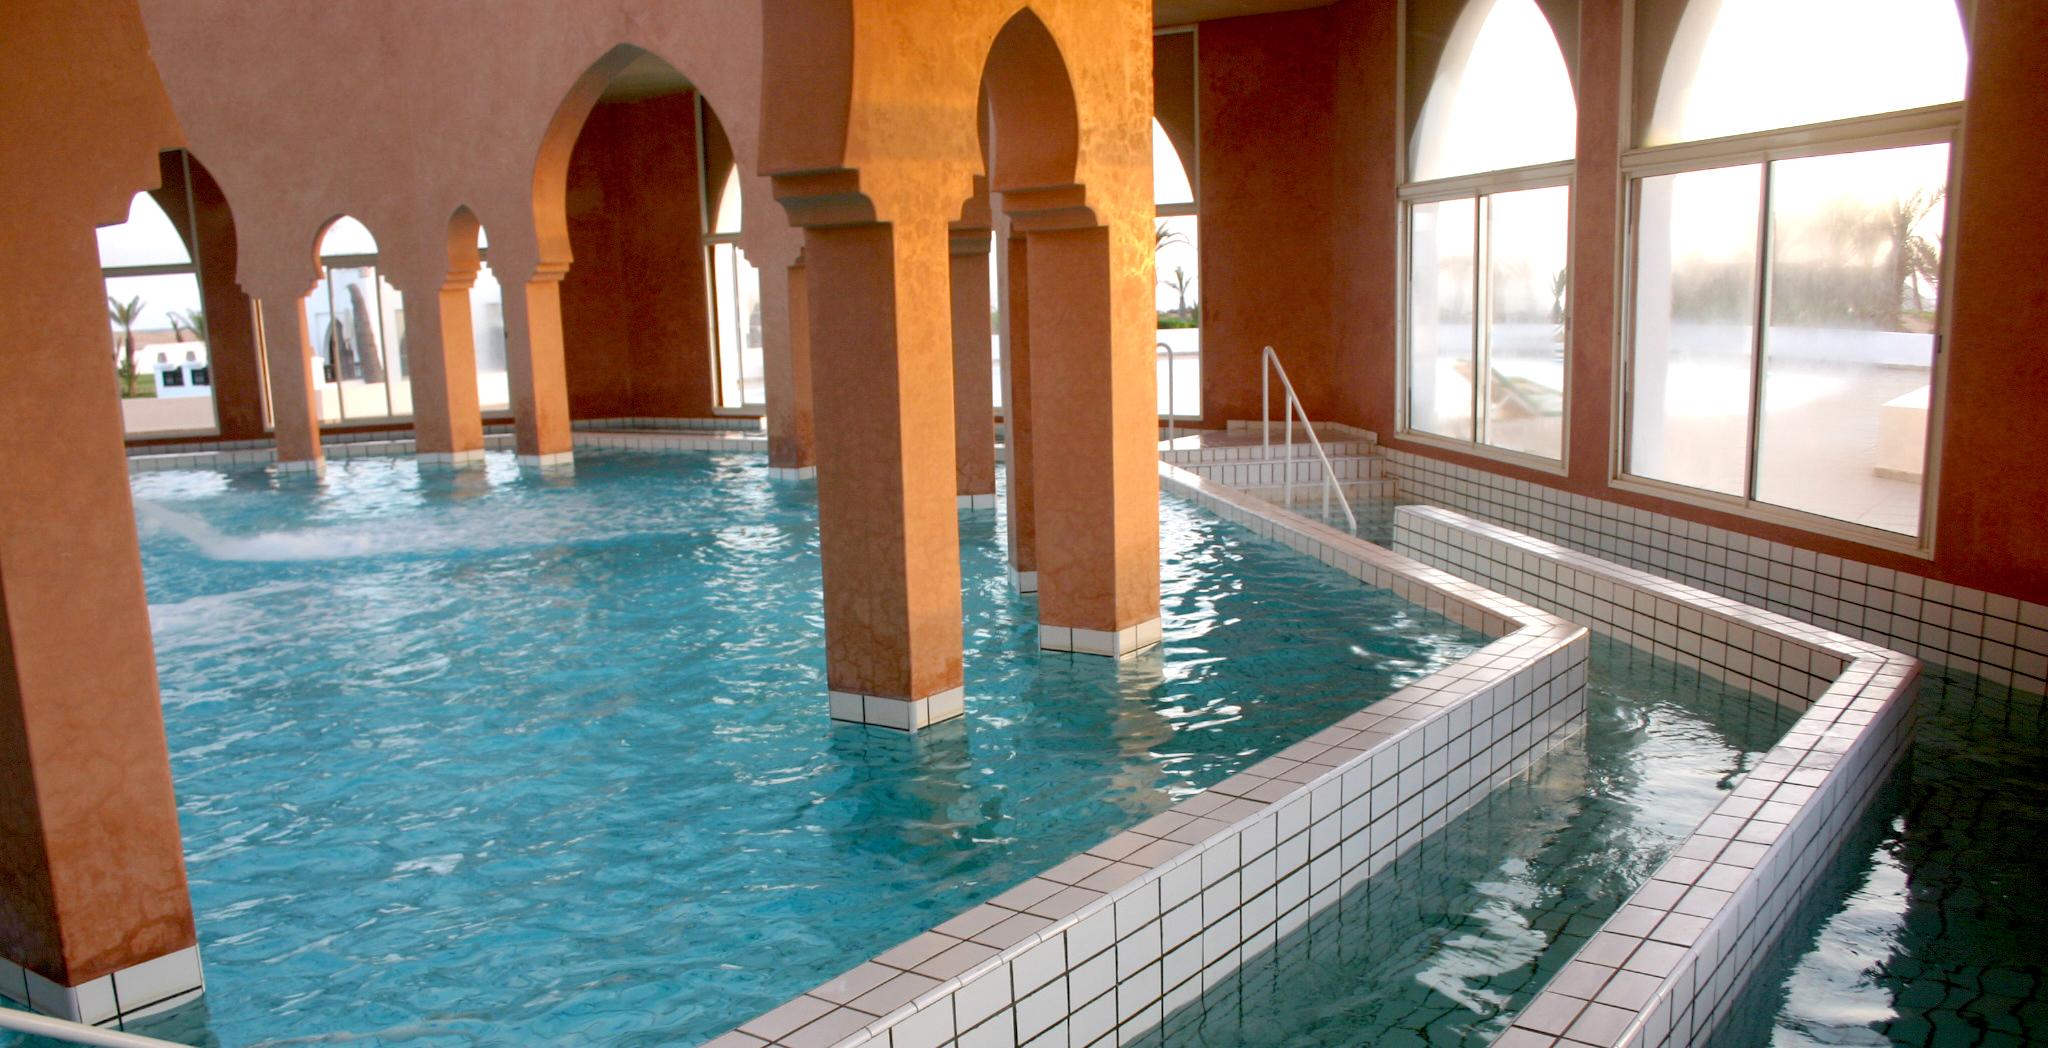 hygie-concept-qualite-des-eaux-thermales